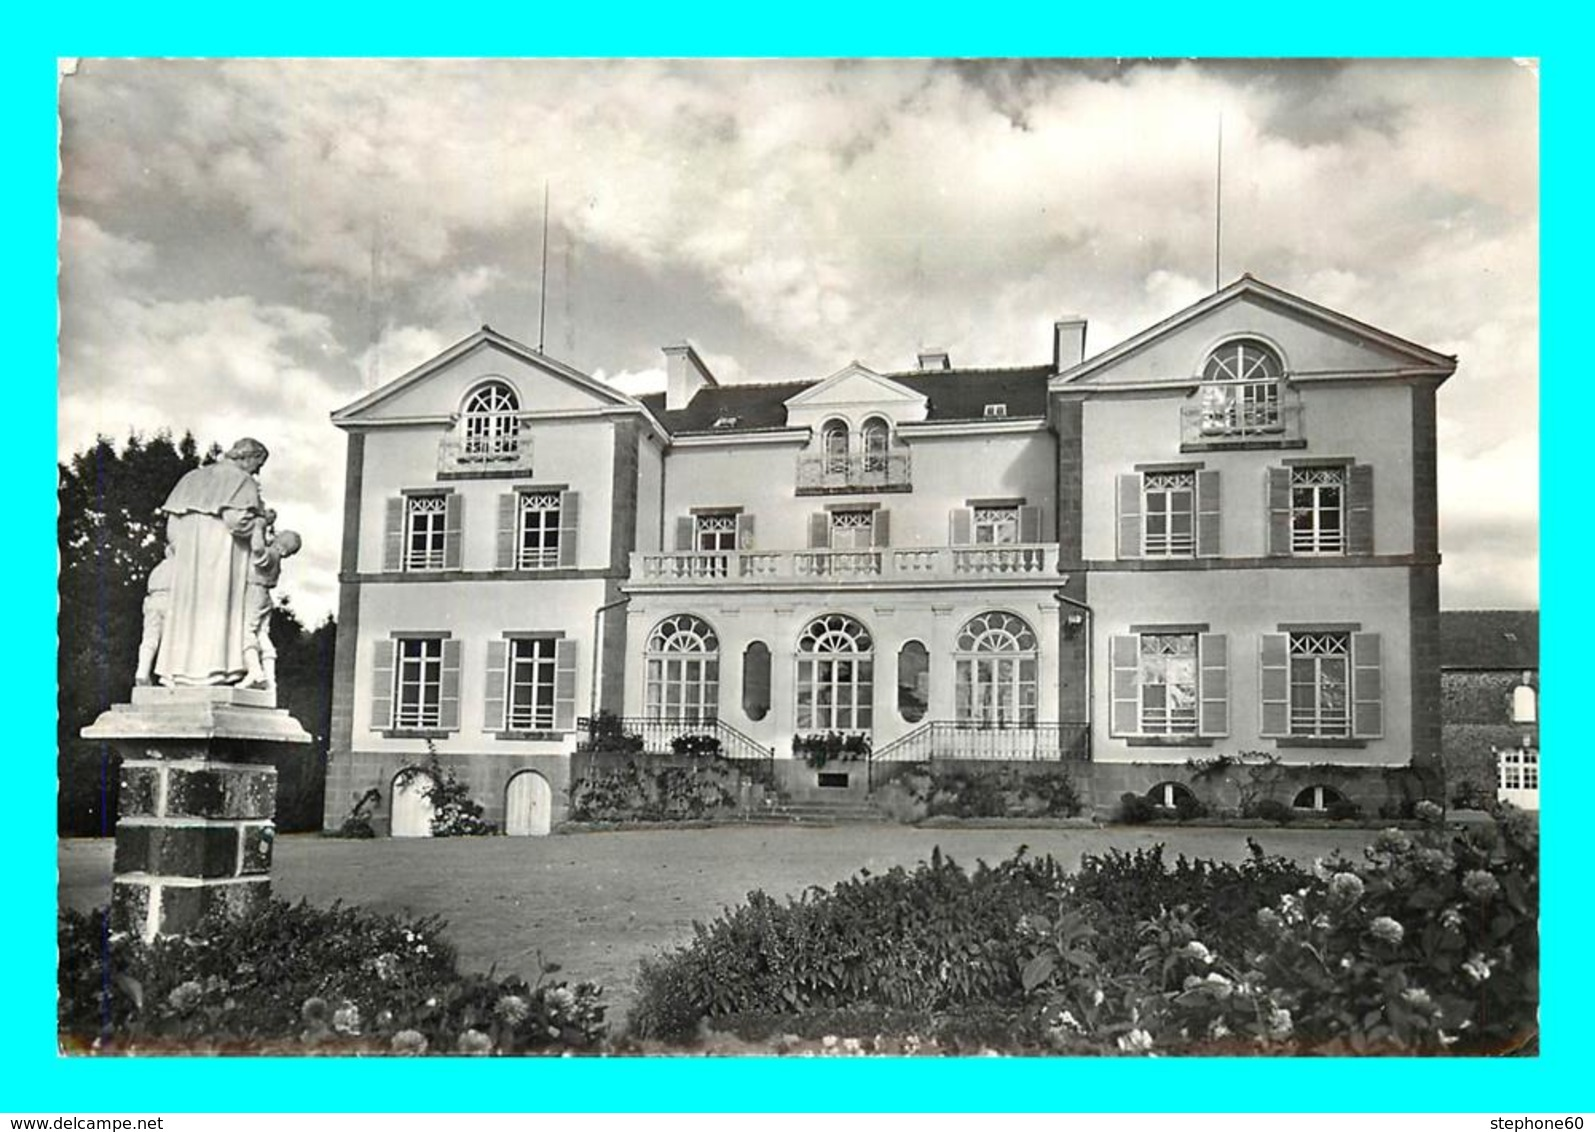 A769 / 075  22 - Chateau De La Guercge - Saint Helen Par Dinan - France